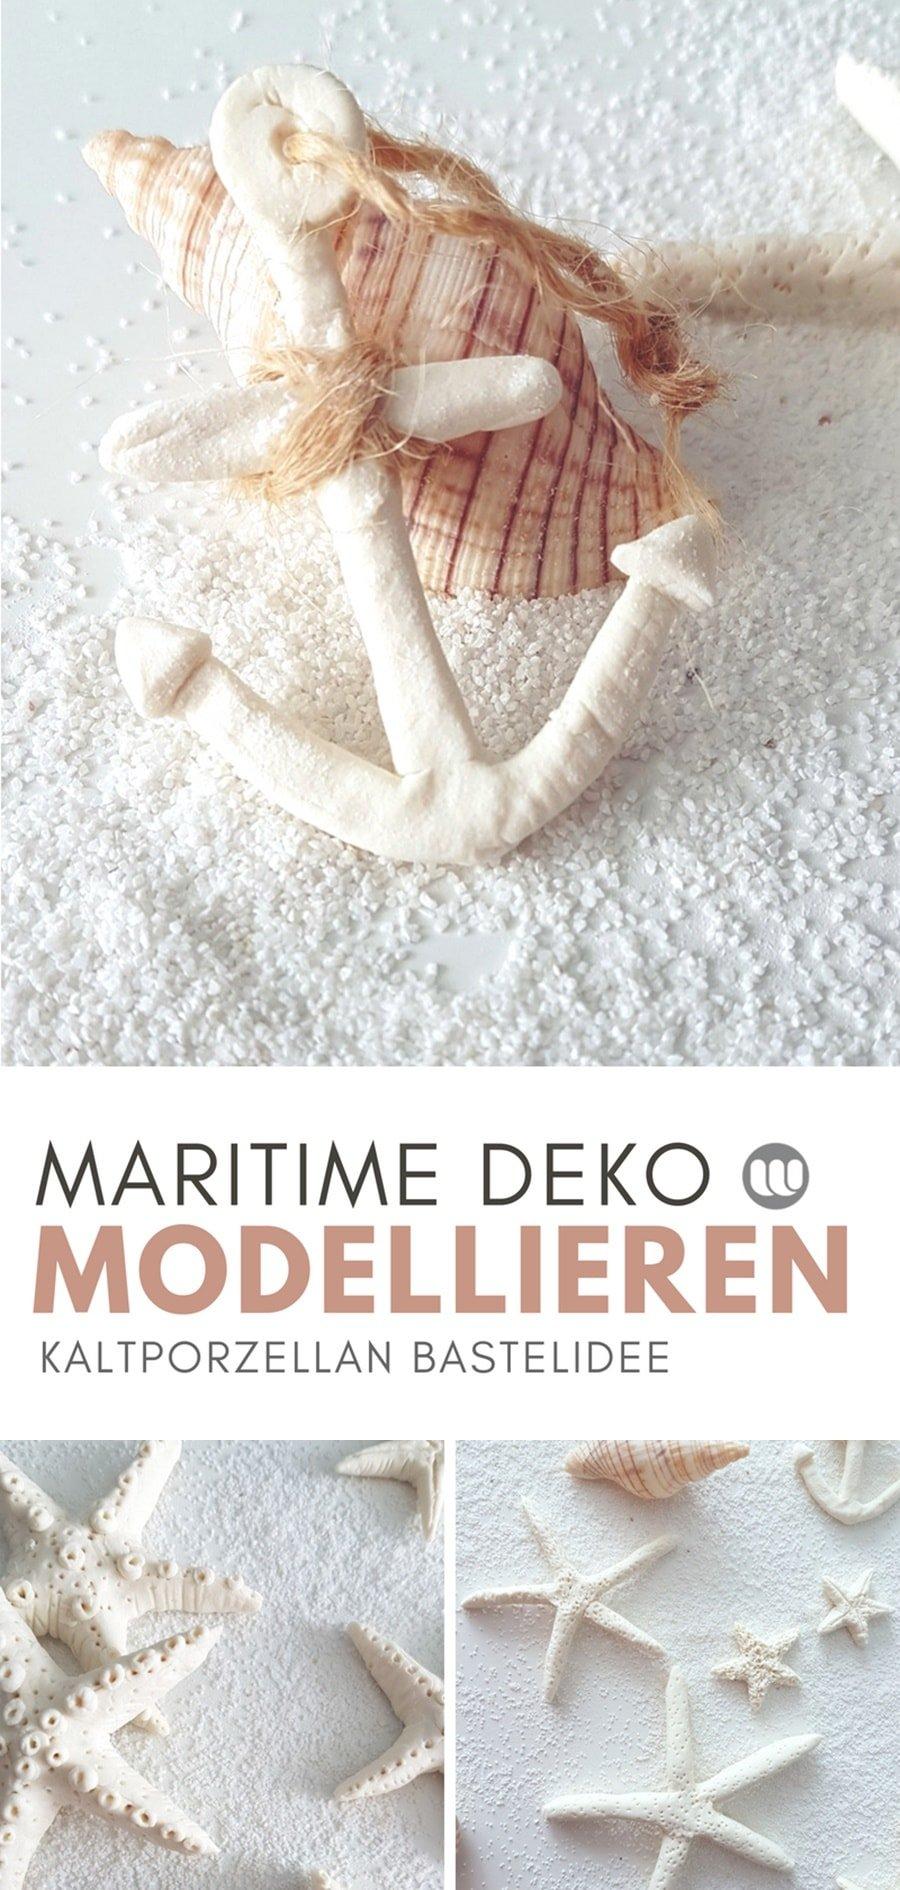 Seesterne & Anker aus Fimo, Salzteig oder Kaltporzellan basteln: Maritime Deko